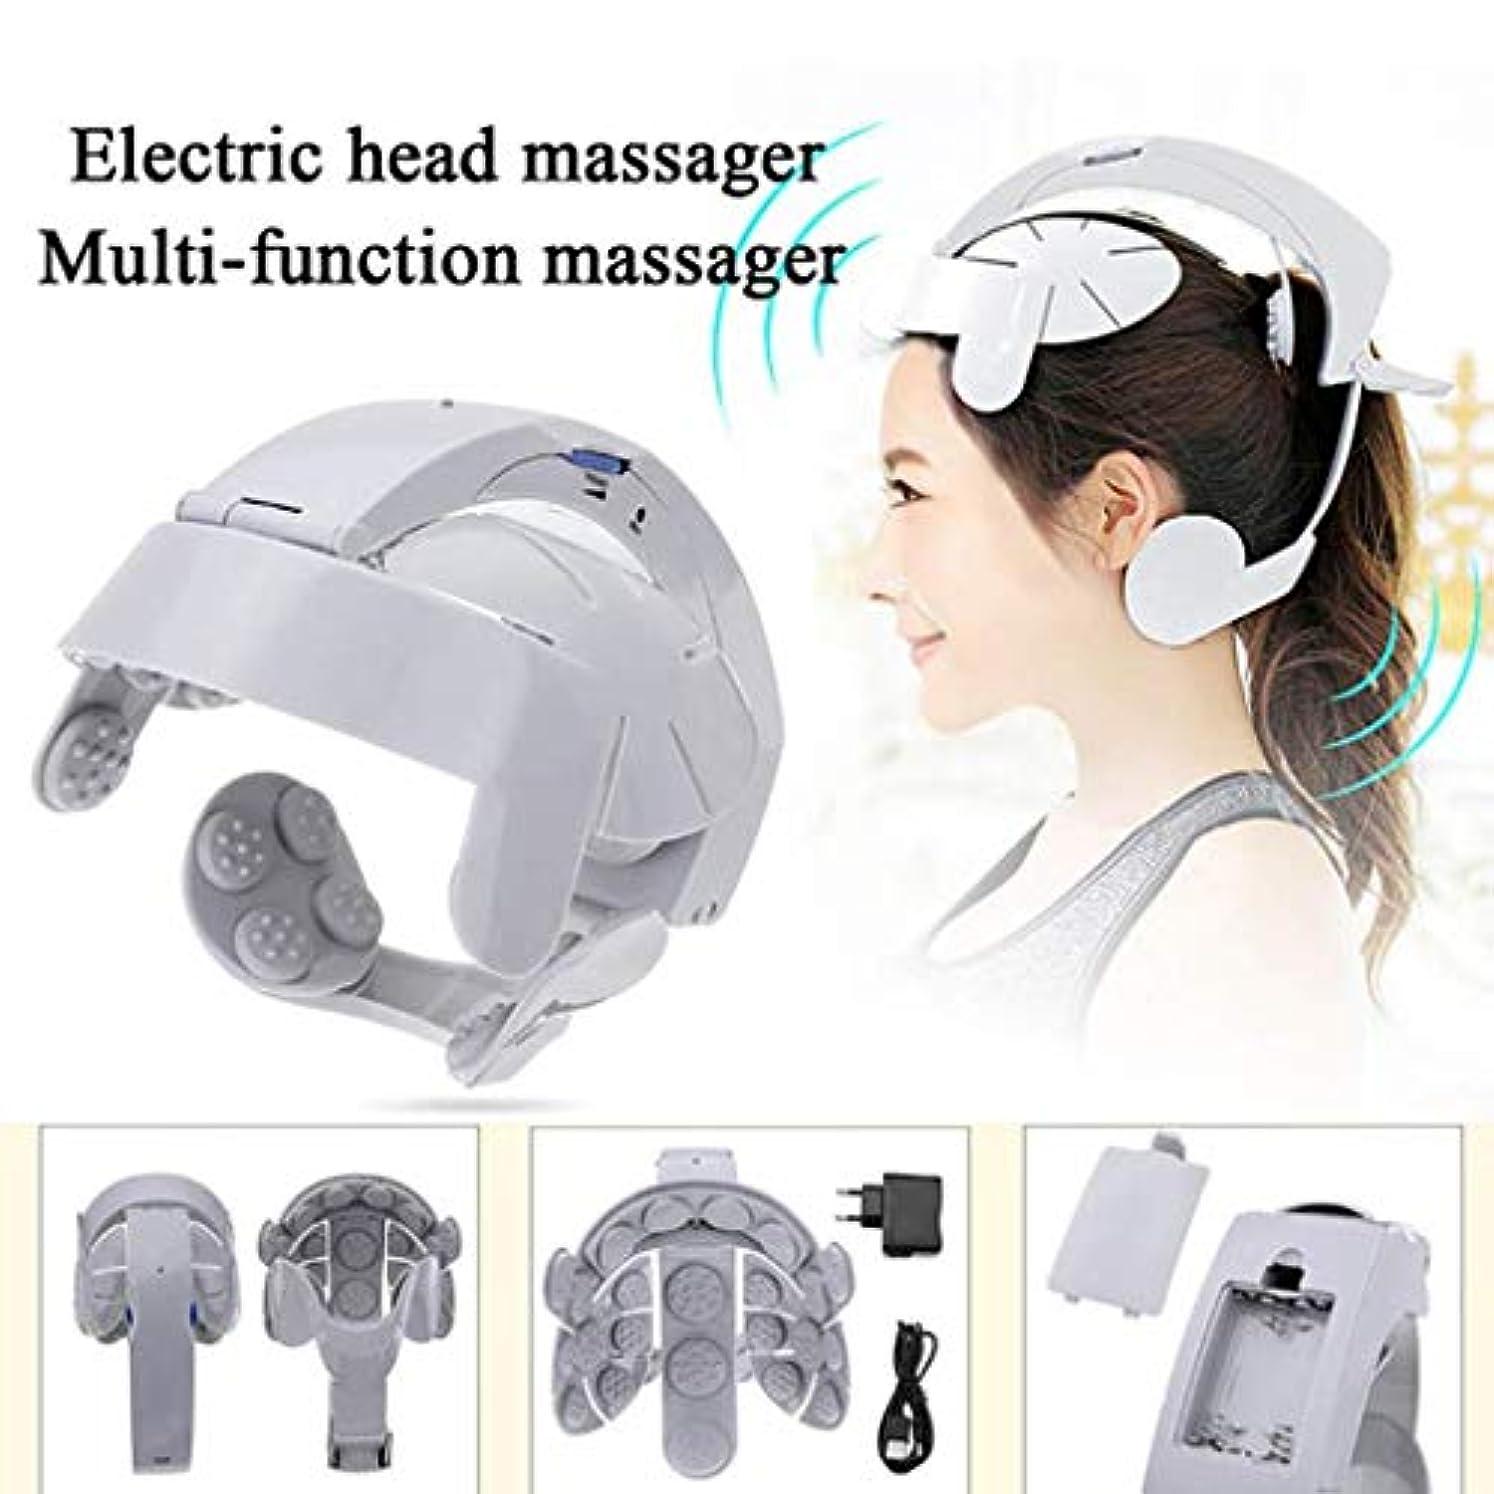 プレビスサイト要旨ブーストヘッドマッサージャー、電動マッサージャー、振動ヘッドマッサージャー、ストレス/痛みを和らげる、血液循環/睡眠を促進する